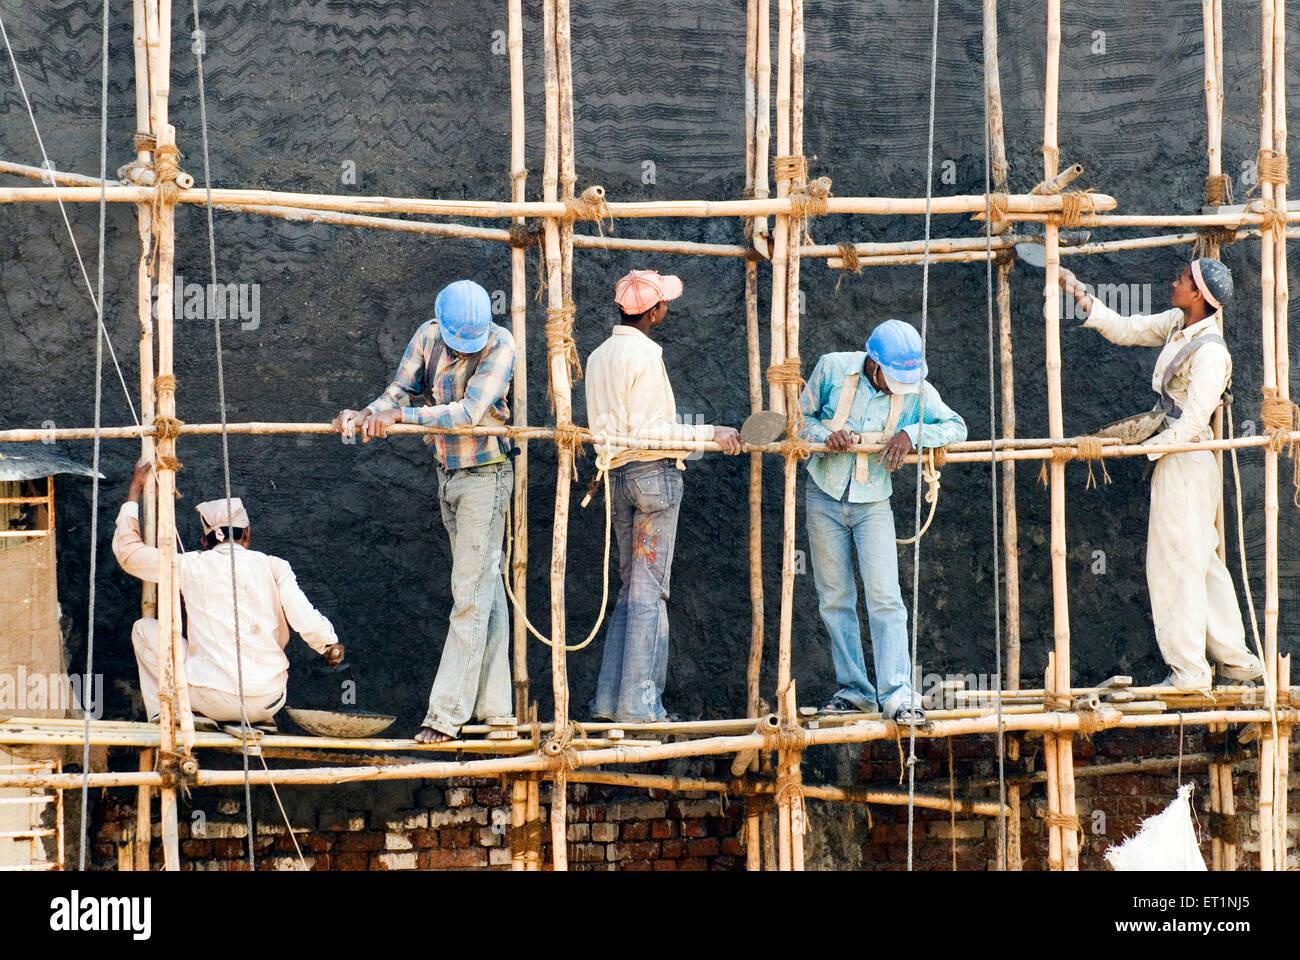 Bau Arbeiter Bambus Gerüste Bombay Mumbai Maharashtra, Indien Stockbild